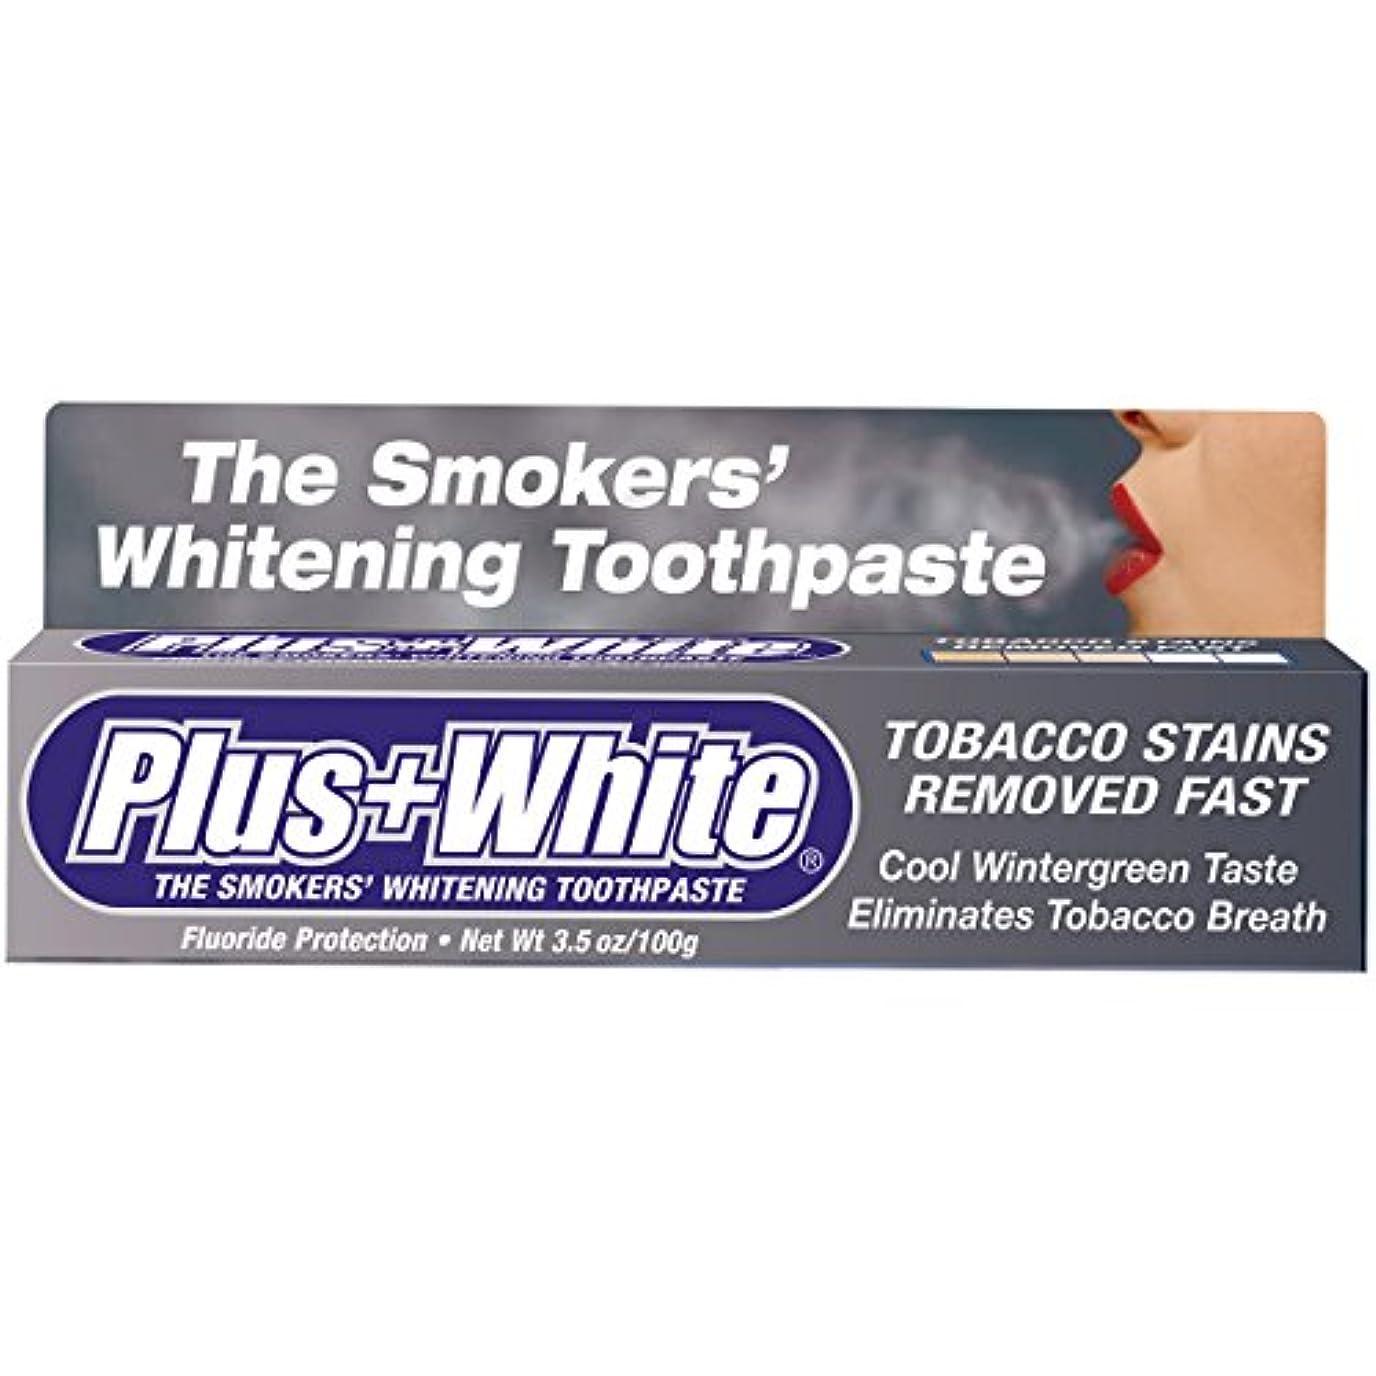 スクランブル勤勉な悲観主義者Plus White, The Smokers' Whitening Toothpaste, Cooling Peppermint Flavor, 3.5 oz (100 g)